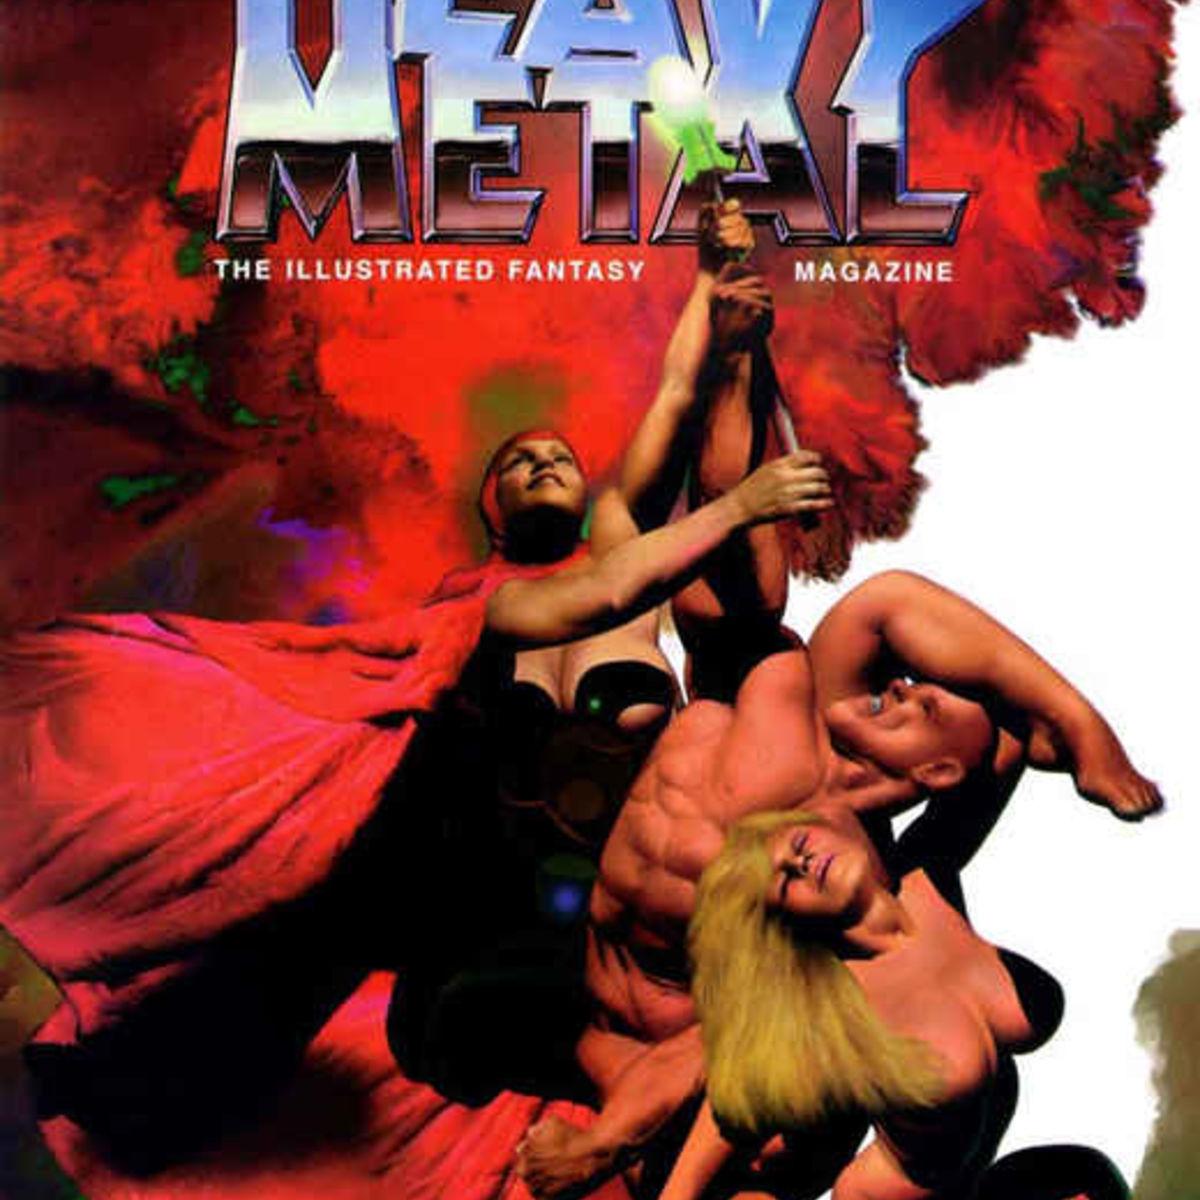 Heavymetal2.jpg